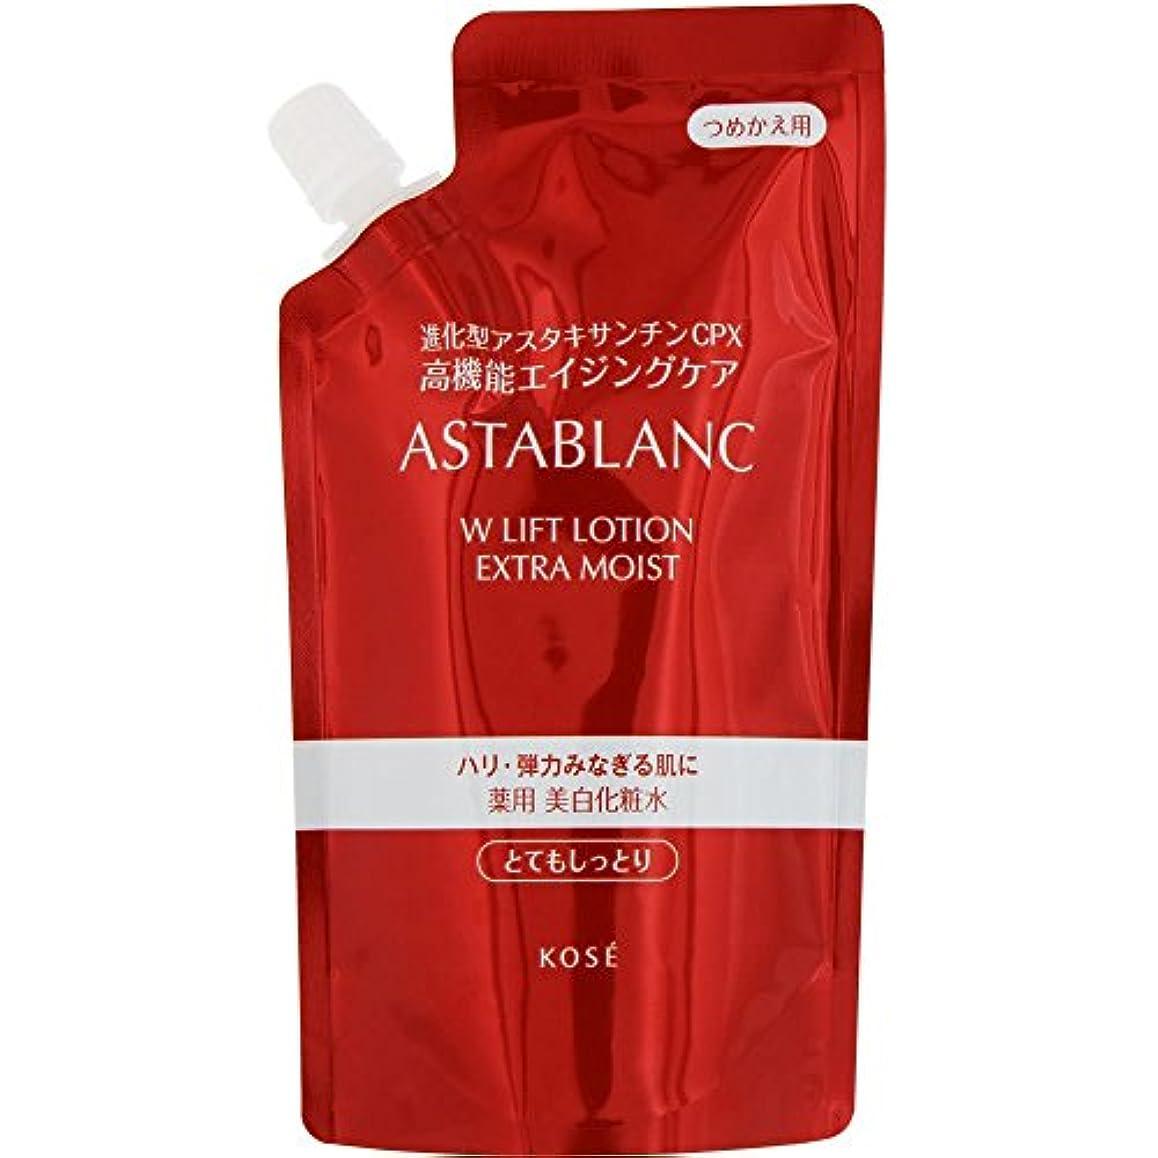 端末壁青写真ASTABLANC(アスタブラン) アスタブラン Wリフト ローション とてもしっとり 化粧水 詰替え用 130mL